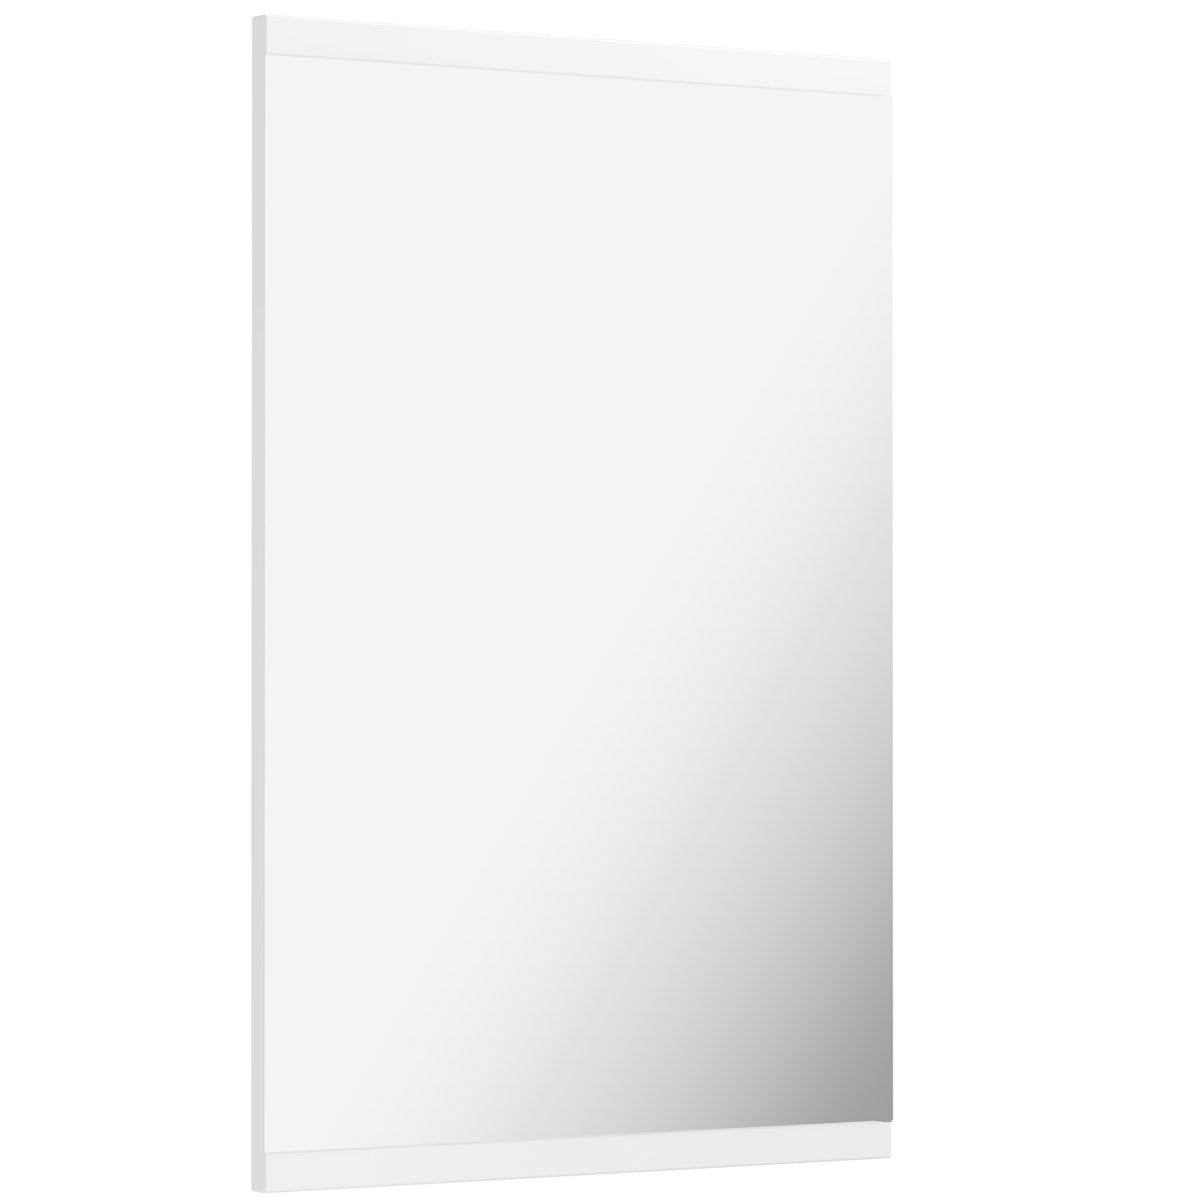 Orchard Eden white mirror 500mm